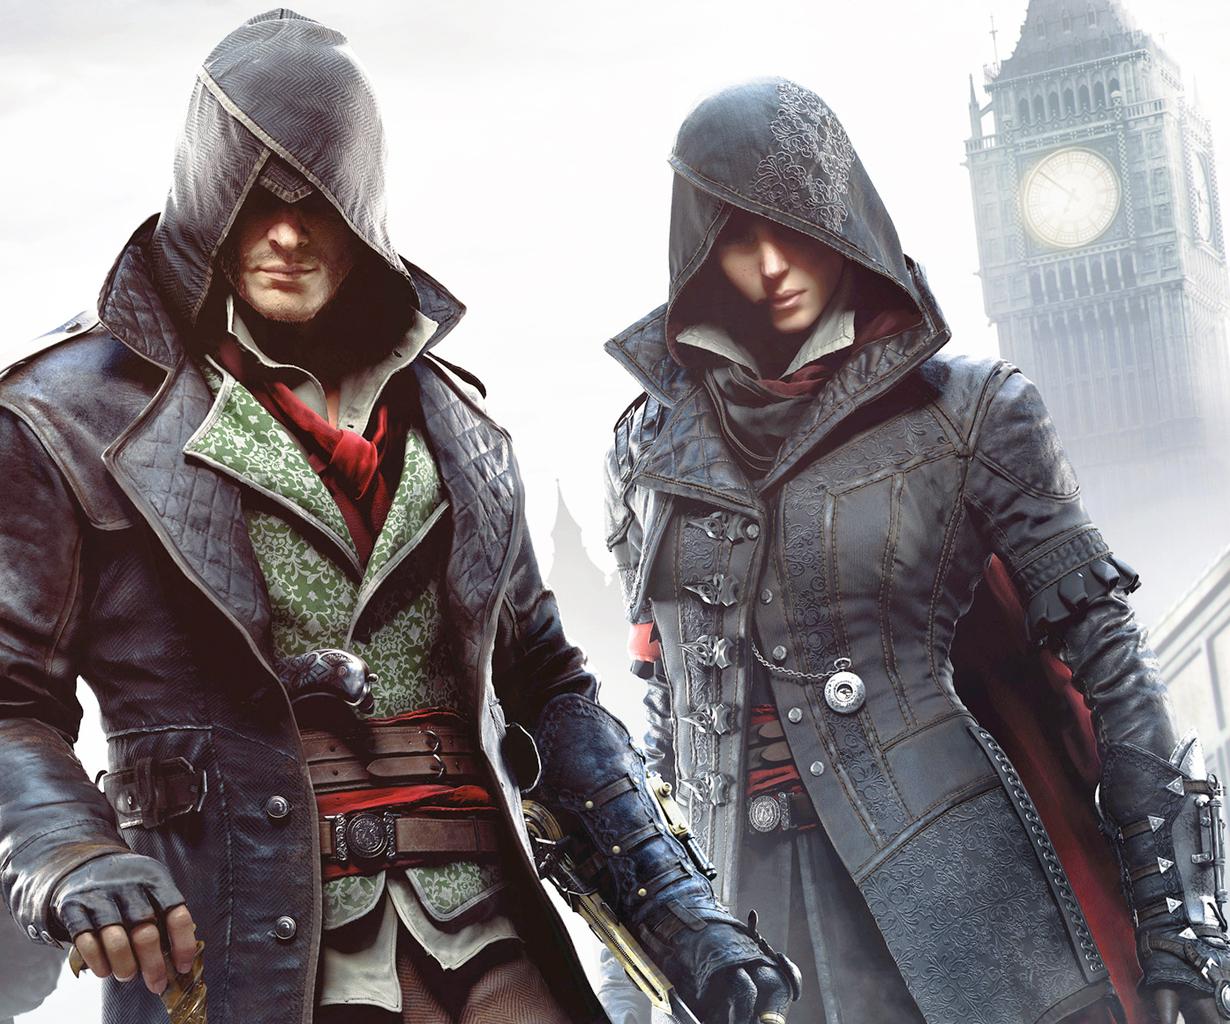 Критики огласили свои оценки игре Assassin's Creed: Syndicate